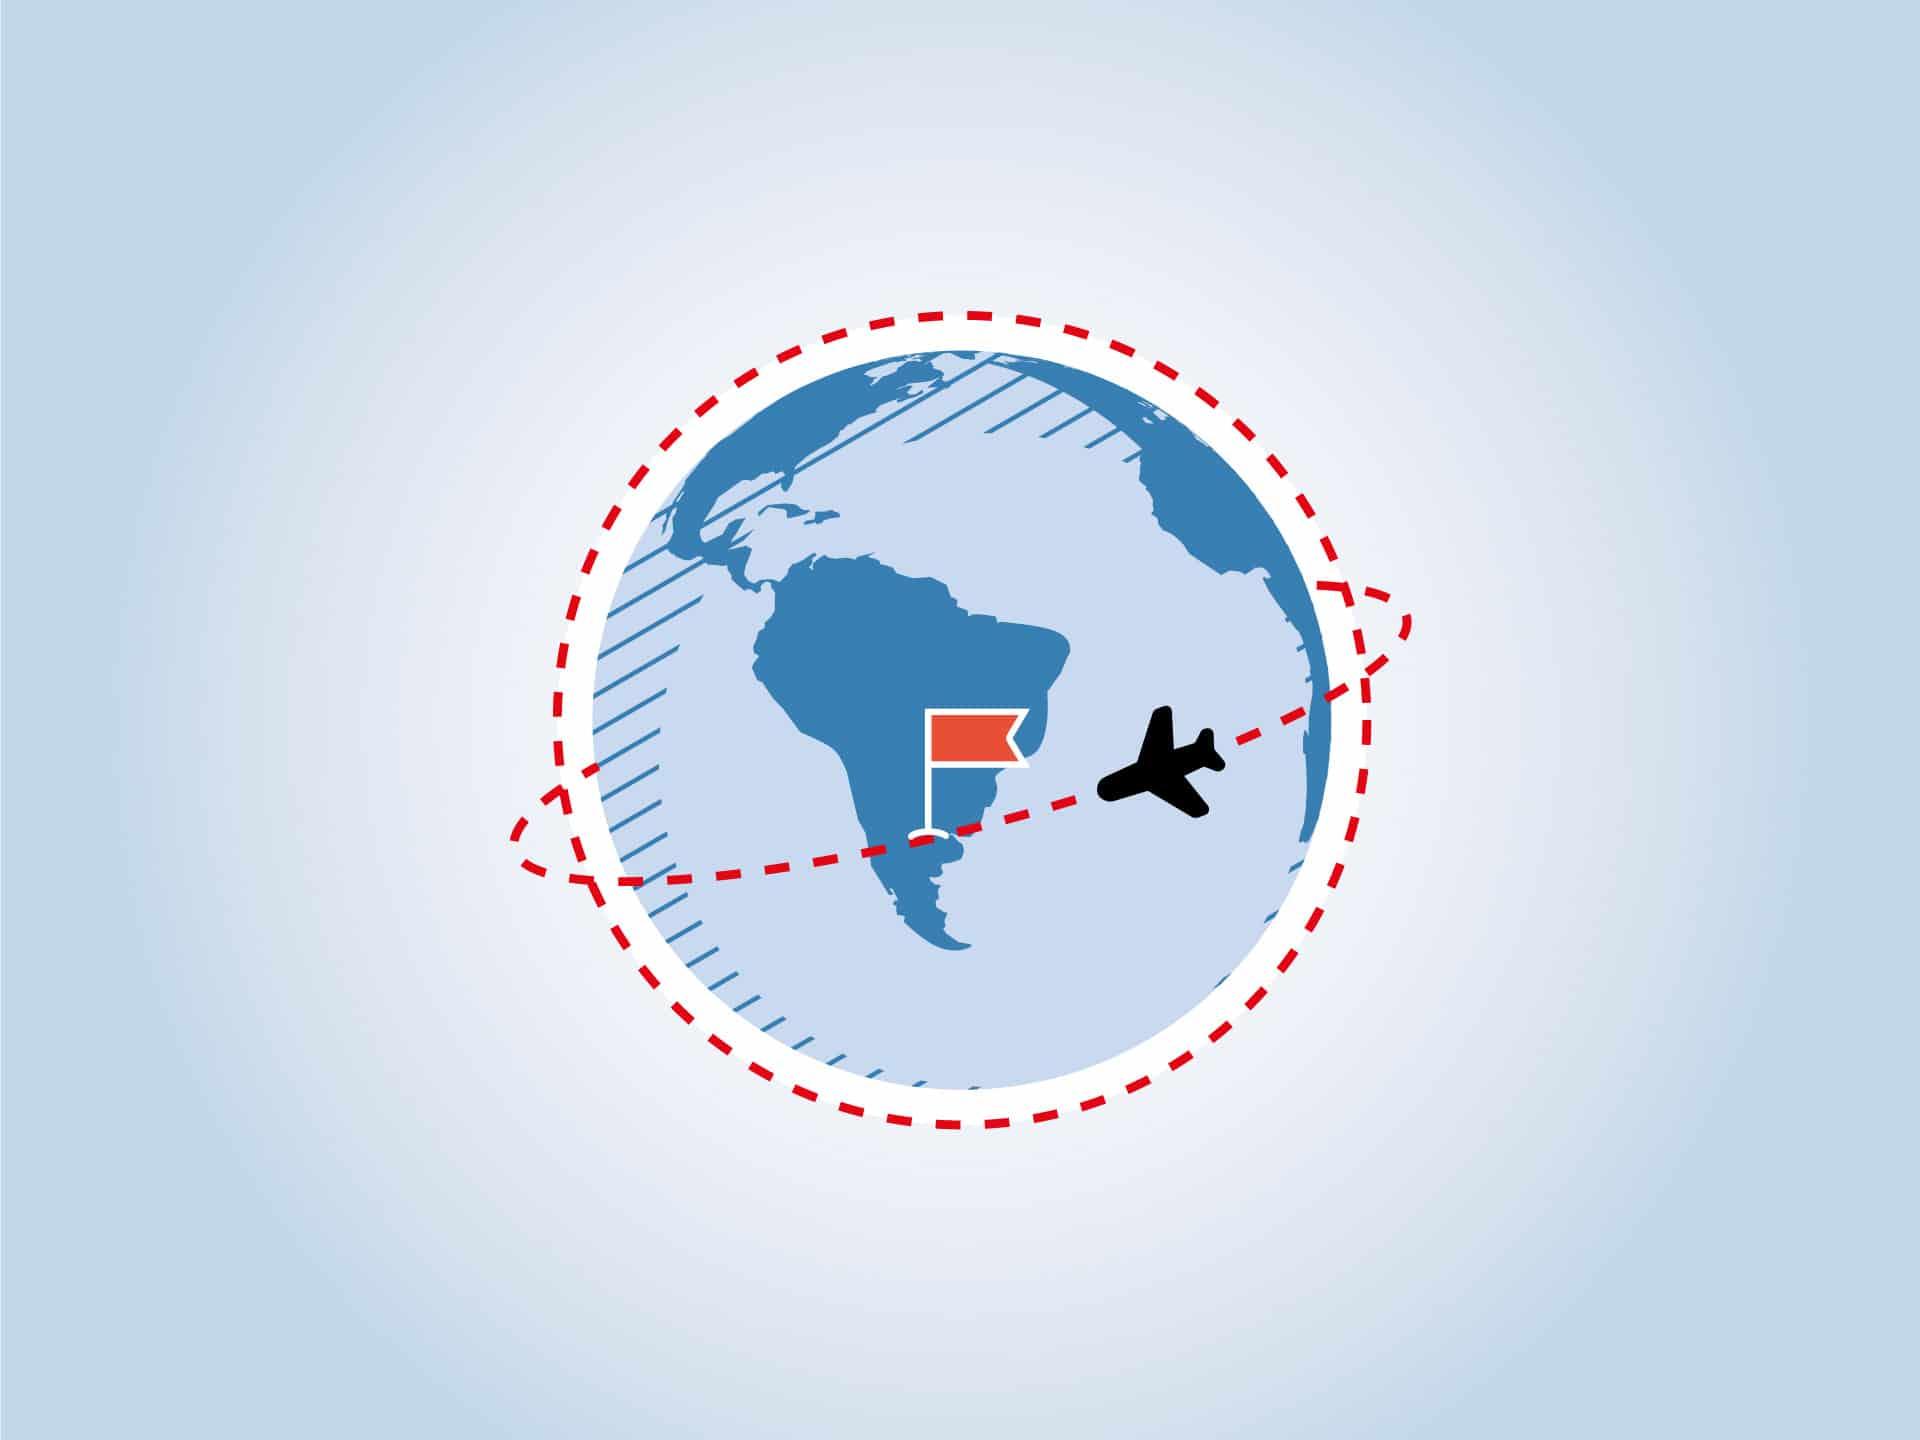 Flugzeug über Weltkugel mit dem Ziel Argentinien